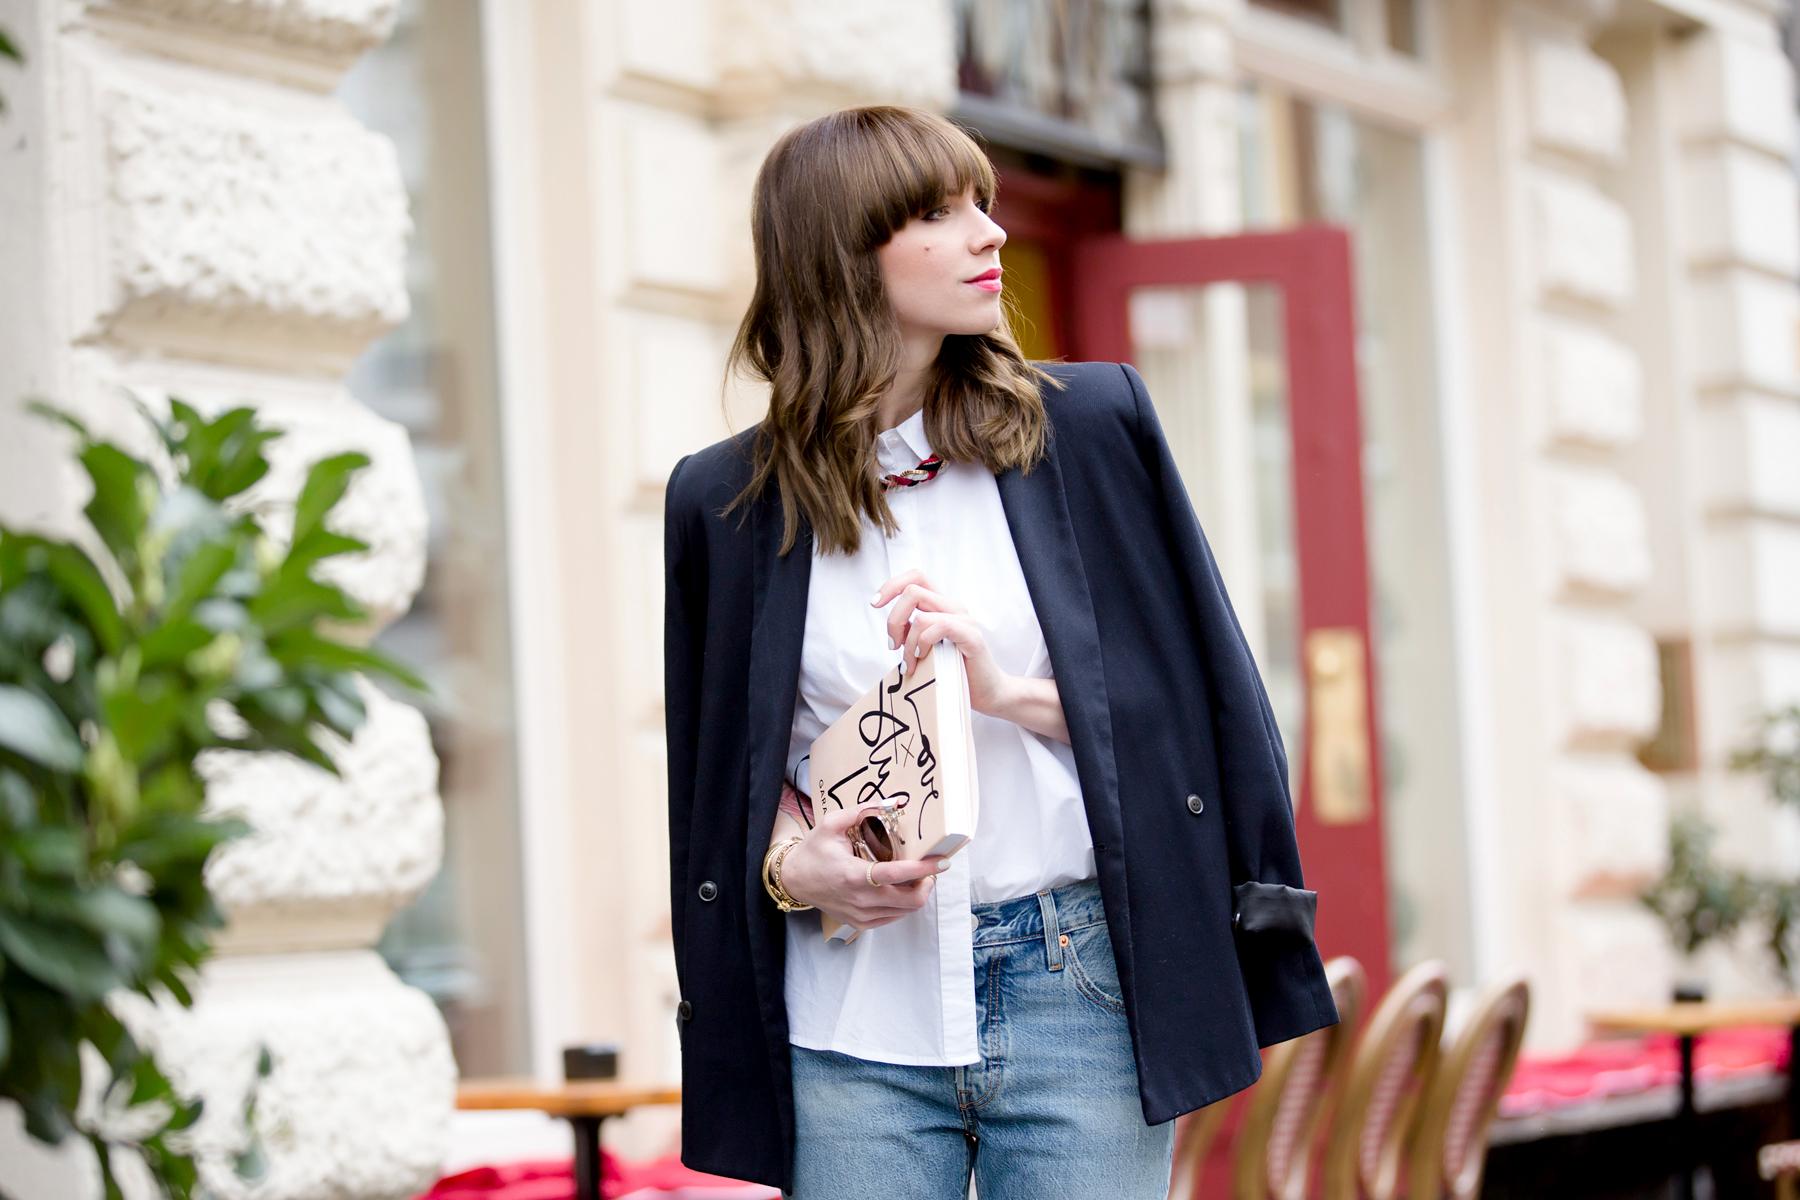 black blazer levi's 501 denim jeans nude pumps garance dore book parisienne french style blogger fashionblogger ootd outfit bangs brunette paris cute girl cats & dogs fashionblog ricarda schernus shopbop sale 3